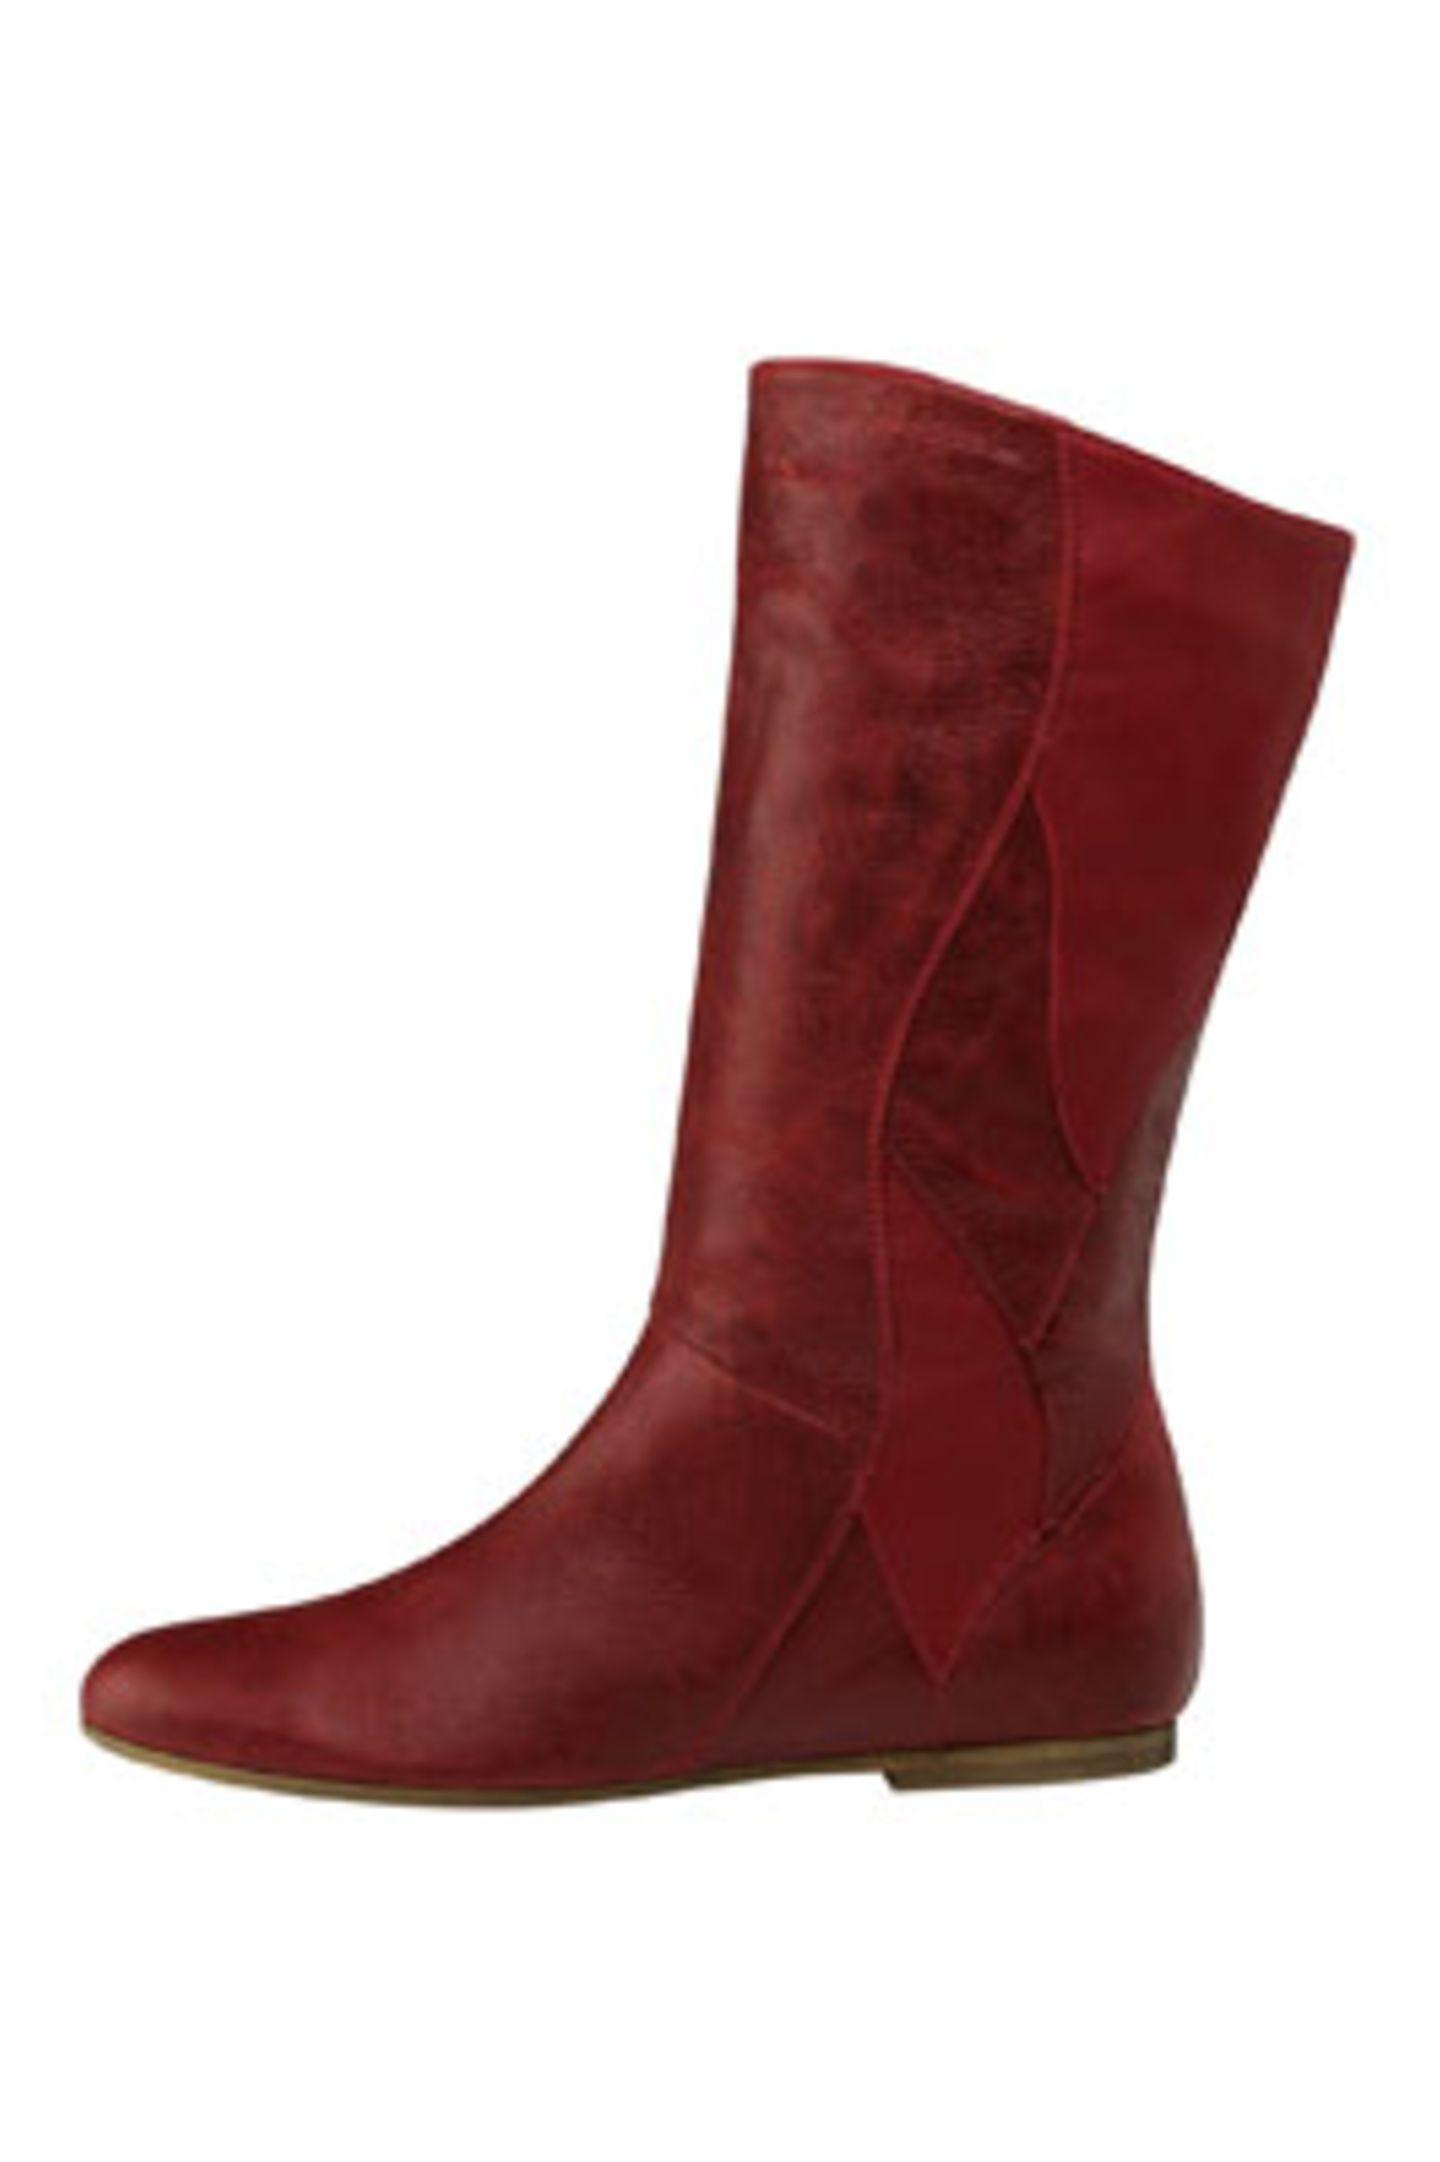 Rote Lederstiefel; 99,95 Euro; vom Akira über Görtz 17